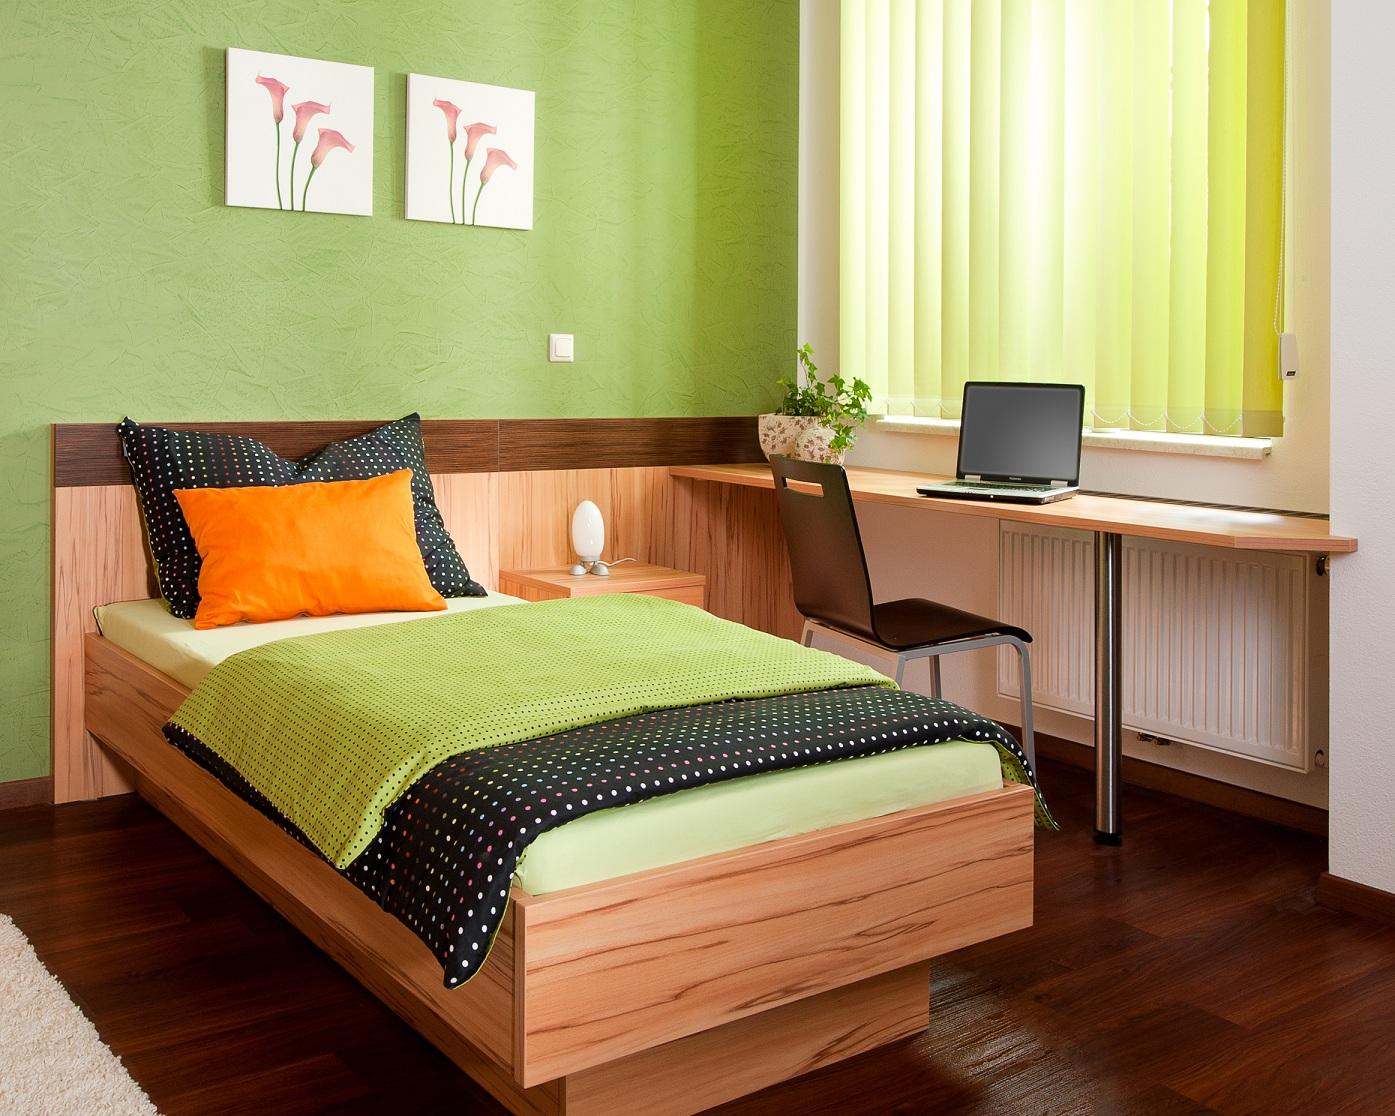 einzelbetten 90x200 g nstig kaufen. Black Bedroom Furniture Sets. Home Design Ideas